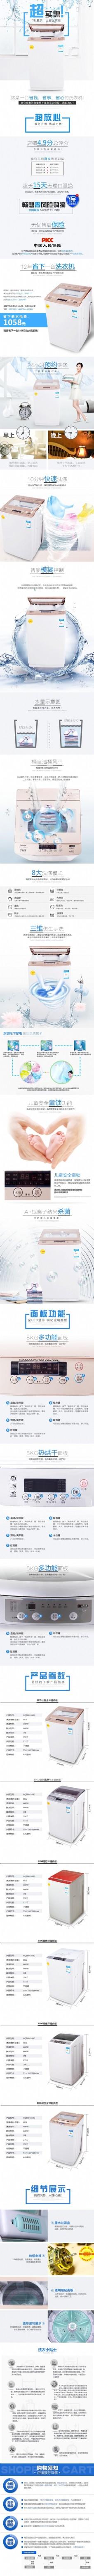 洗衣机详情页(附PSD源文件)